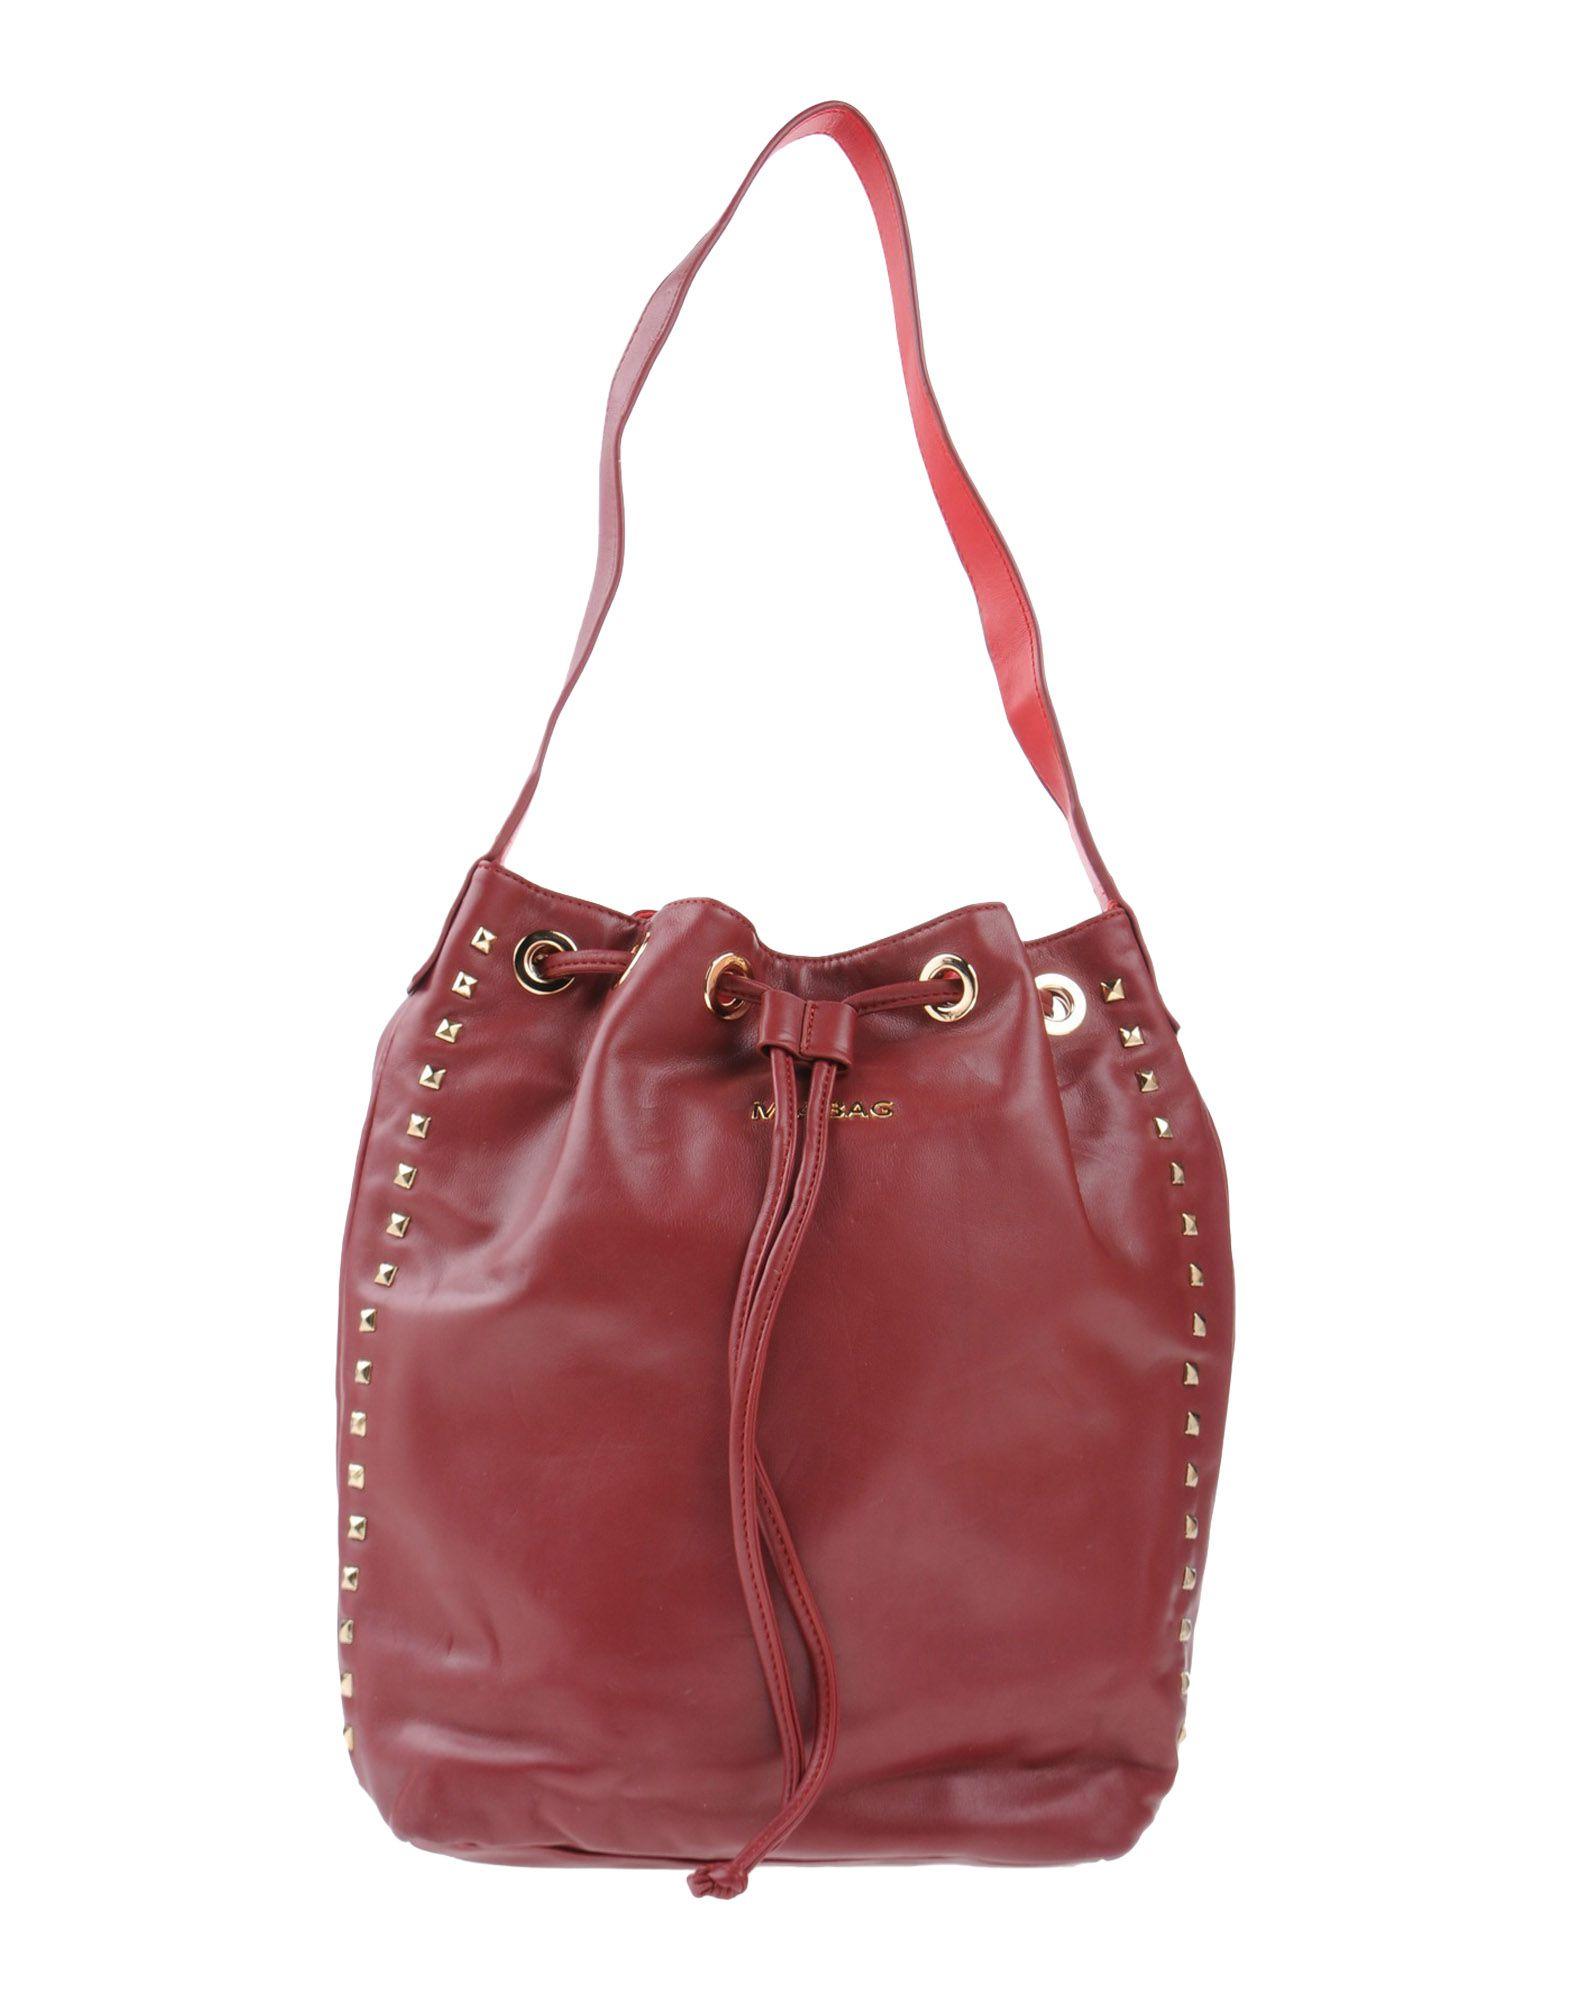 Borsa A Spalla Mia Bag Donna - Acquista online su